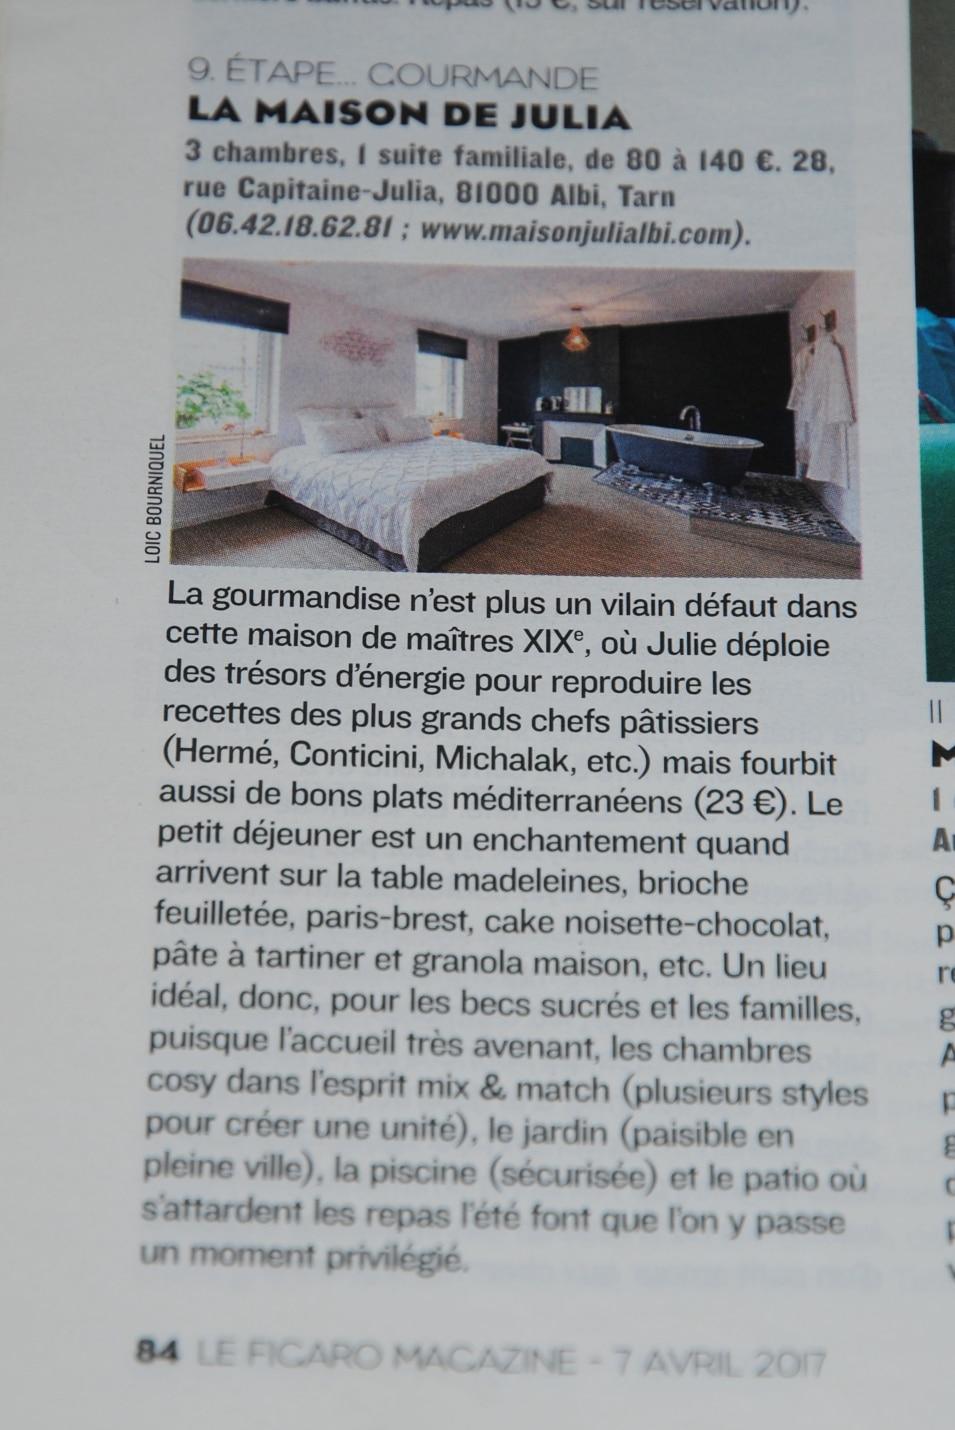 Article du Figaro Magazine parlant de la maison de Julia.